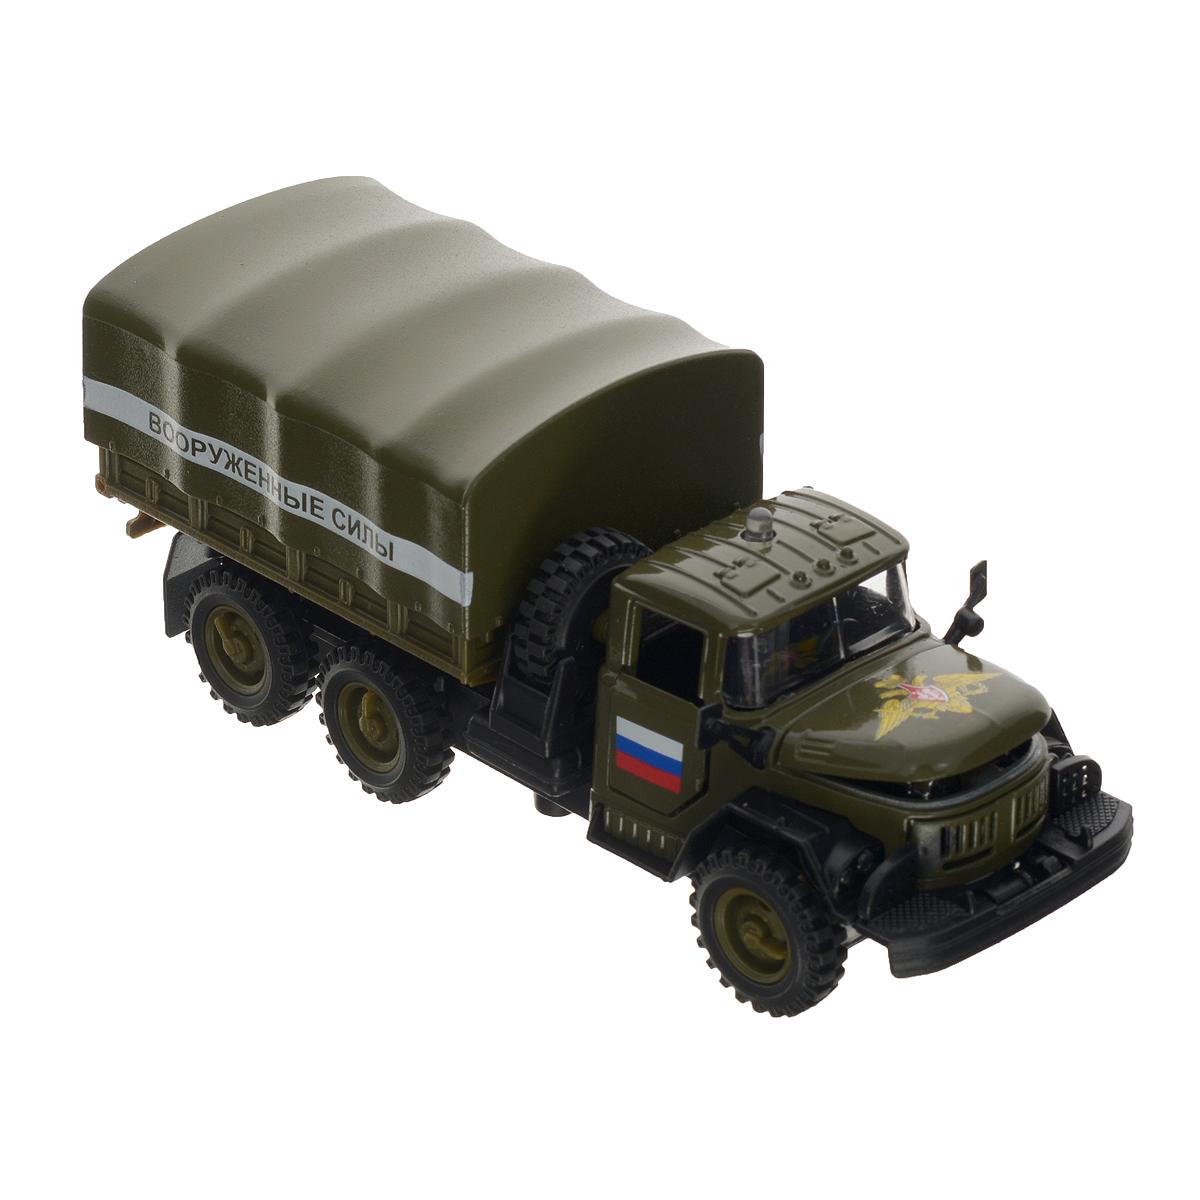 ТехноПарк Машинка инерционная ЗИЛ 131 Вооруженные силы игрушка технопарк зил 130 бензовоз x600 h09131 r